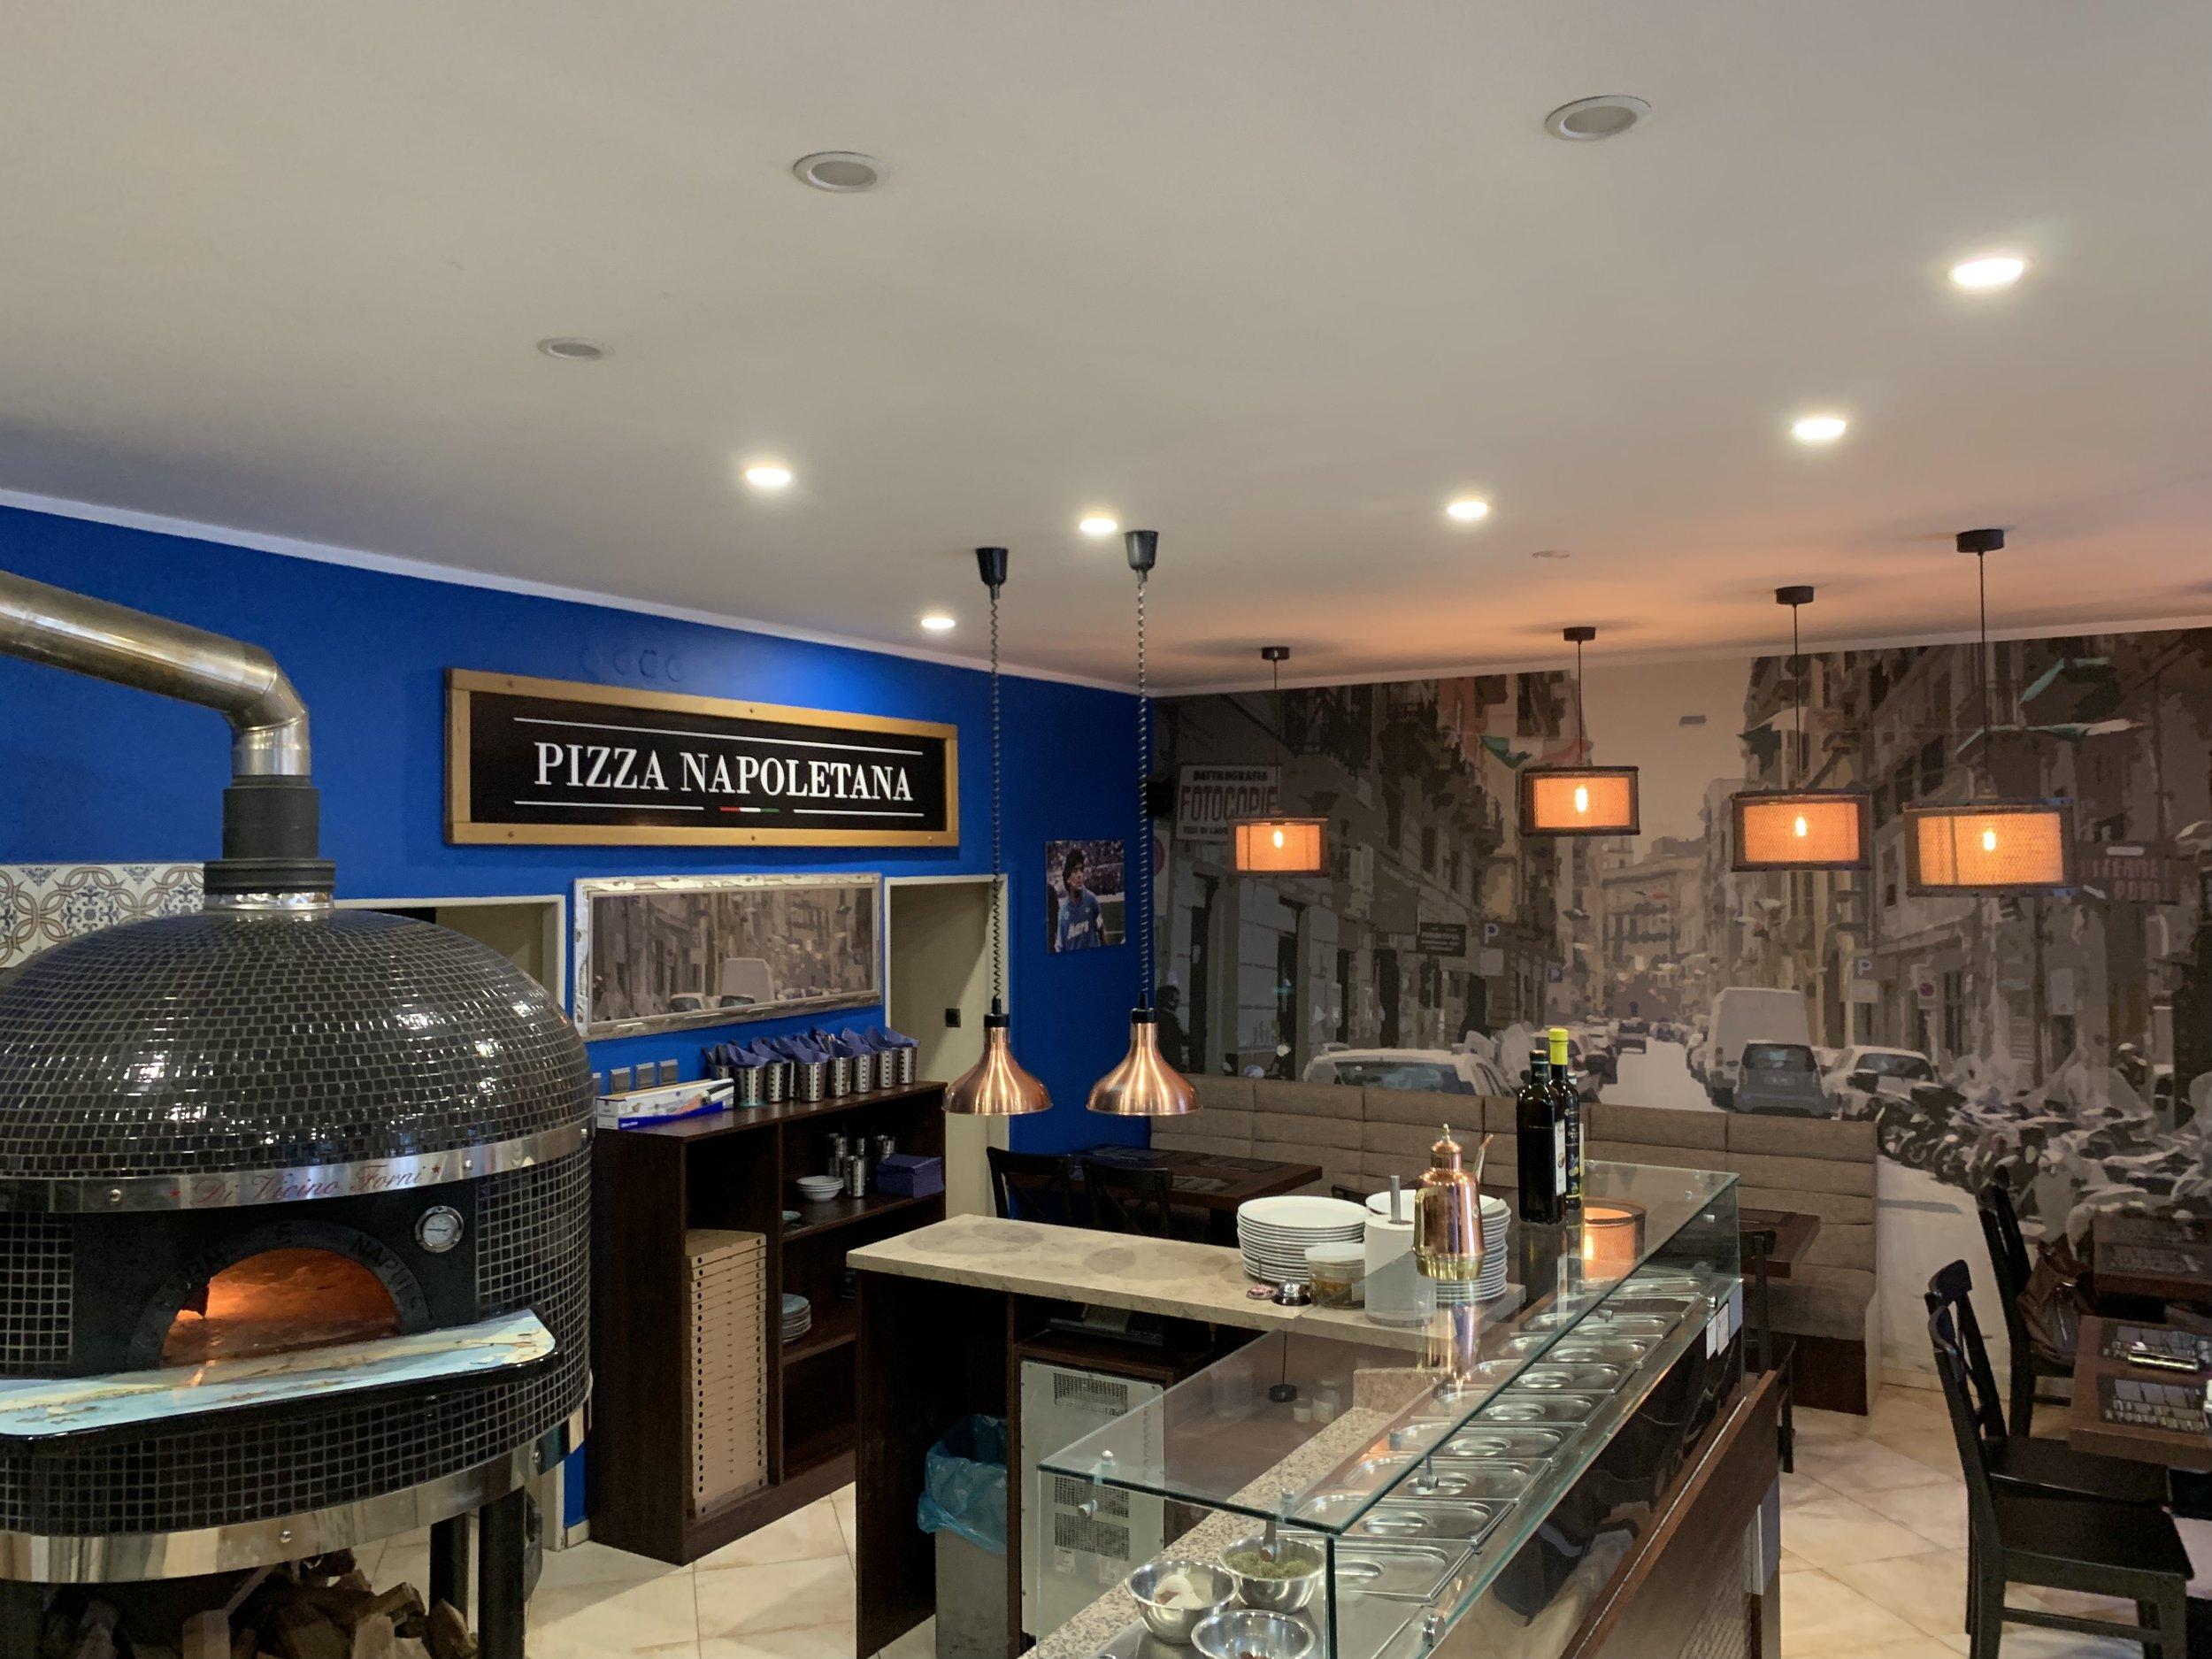 Foto: archiv pizzeria Da Pietro